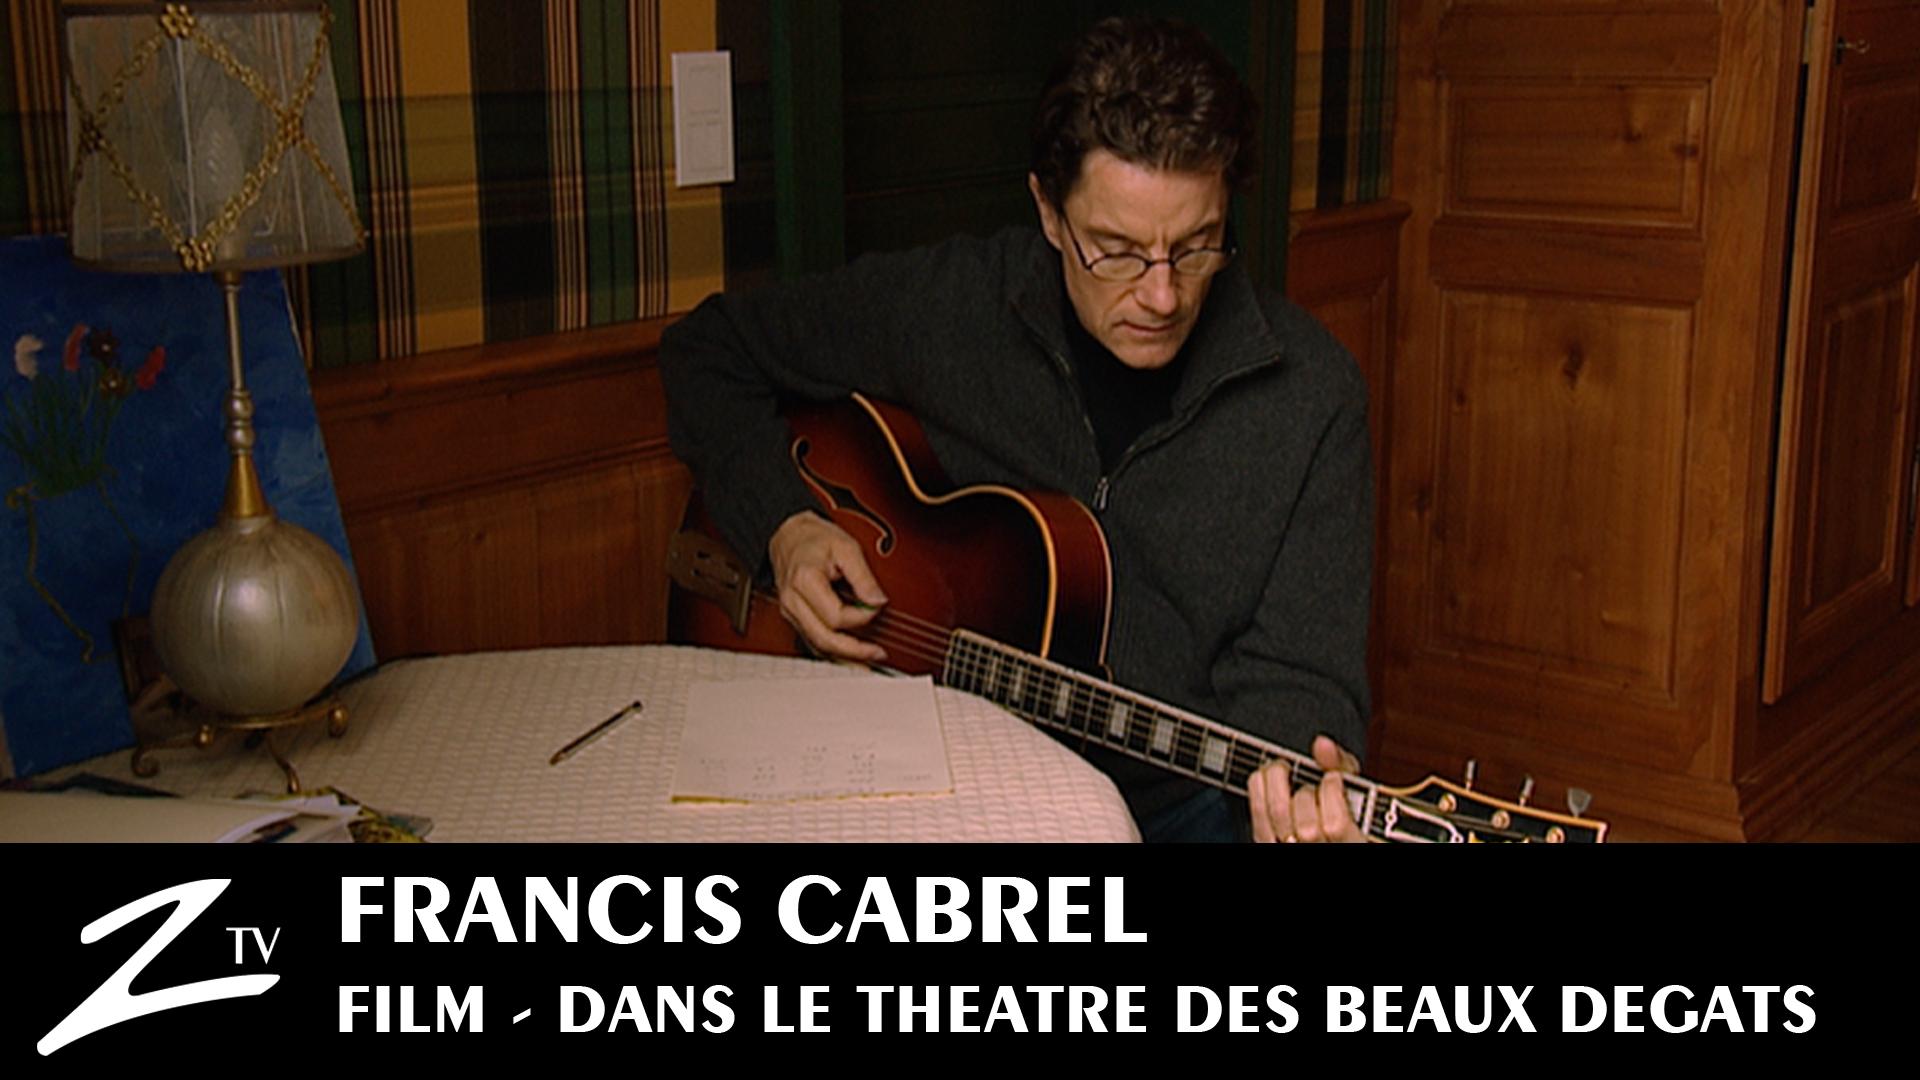 Vyoutube-Theatre-des-Beaux-Degats